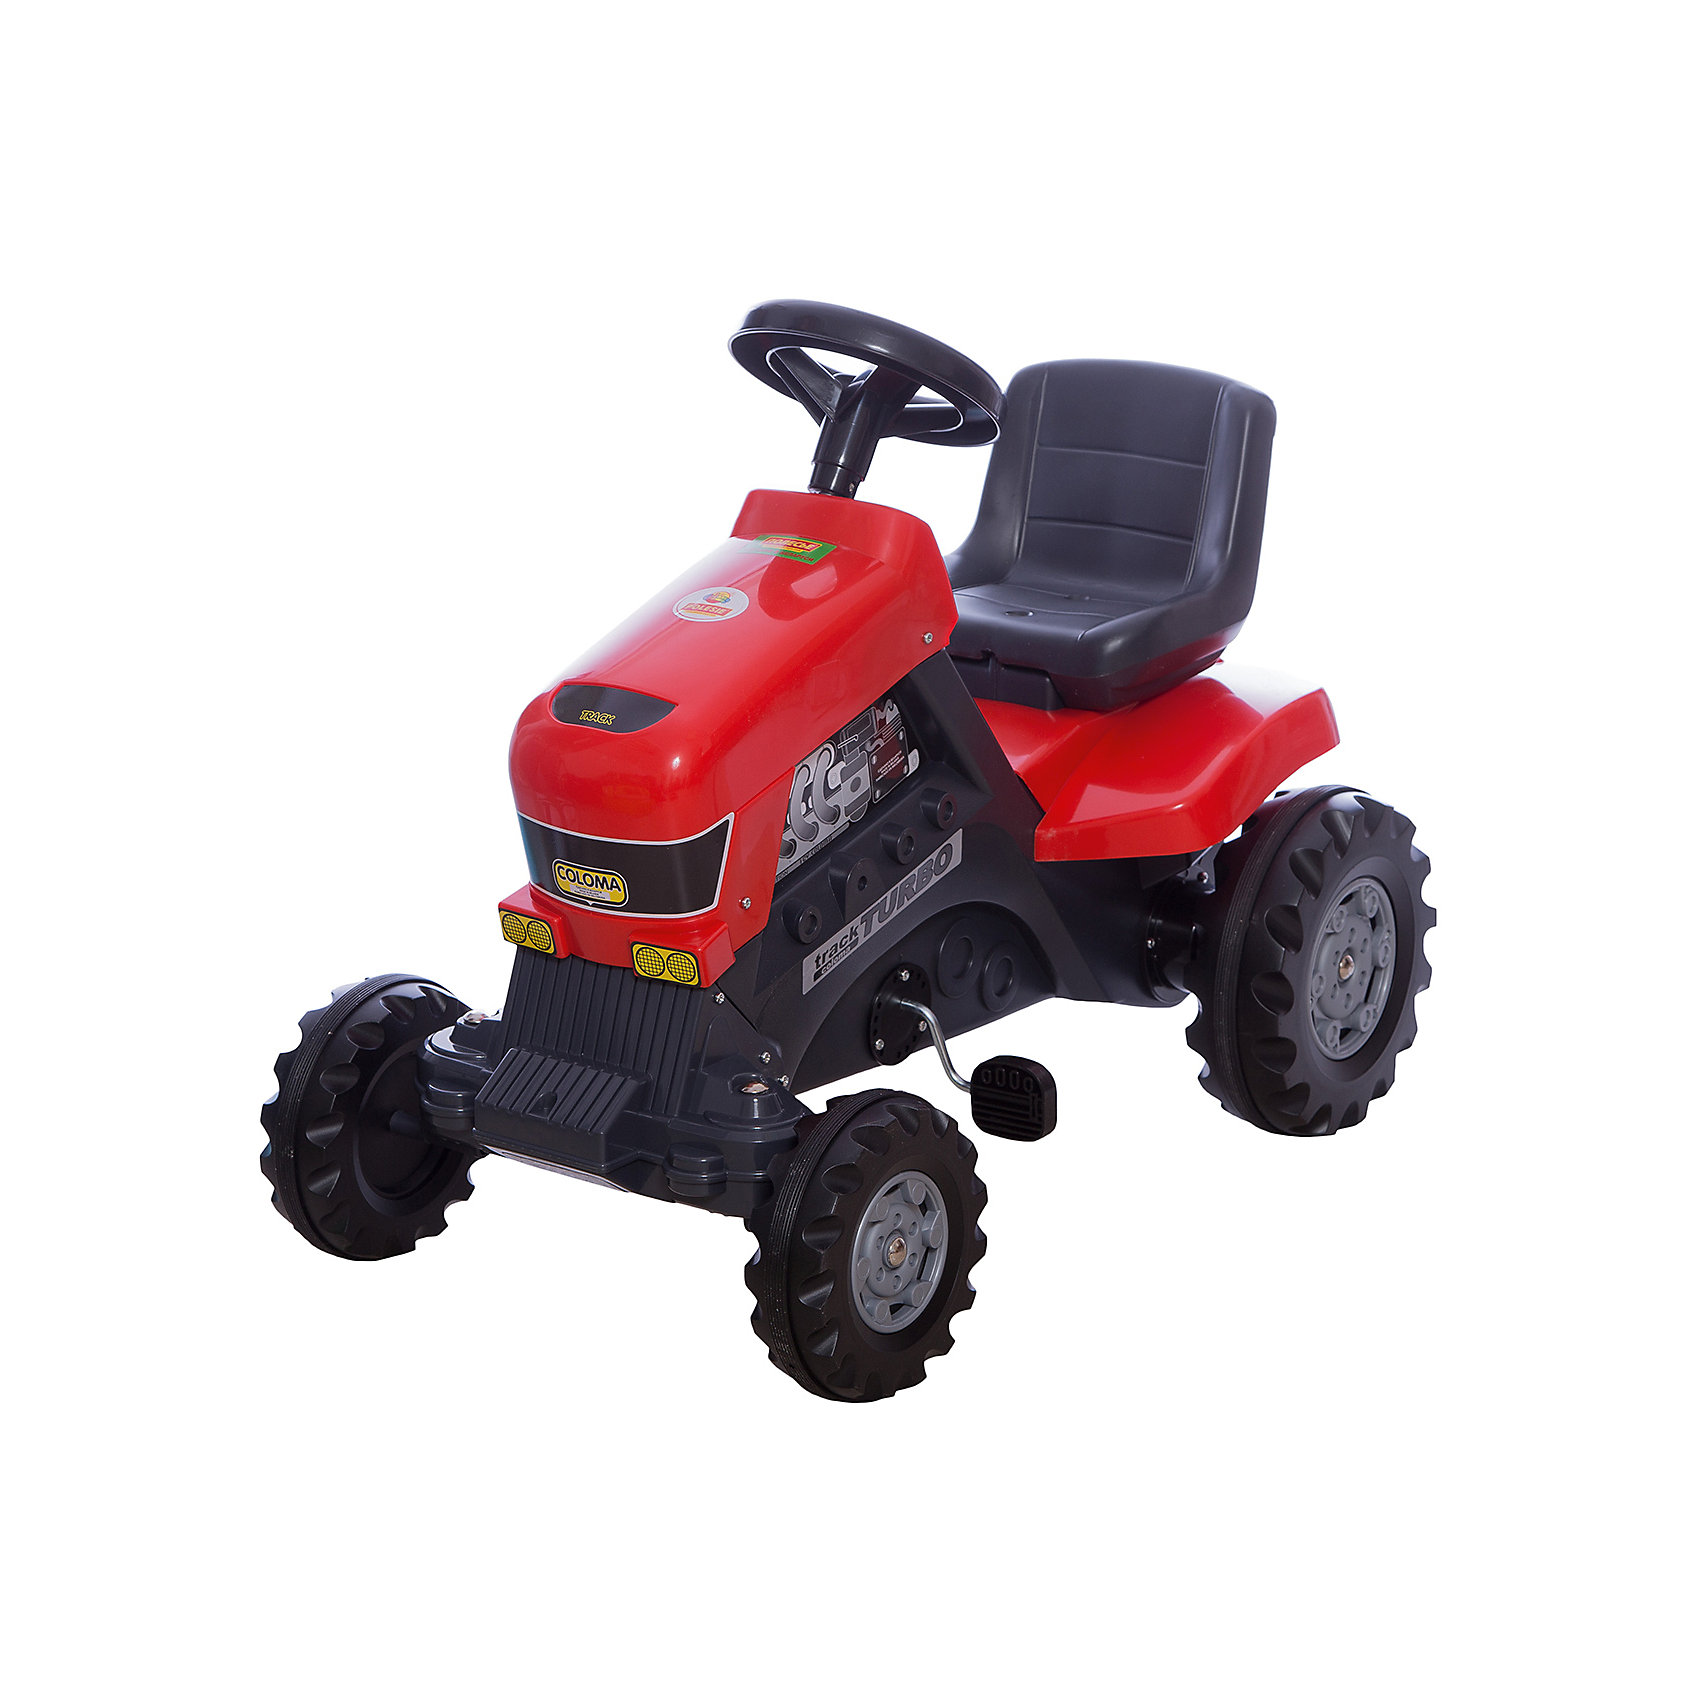 Каталка-трактор с педалями Turbo, ПолесьеМашинки-каталки<br>Характеристики товара:<br><br>• возраст: от 3 лет<br>• допустимый вес эксплуатации: 50 кг.<br>• материал: пластик, металл, резина.<br>• размер упаковки: 85 x 55 x 80 см.<br>• размер игрушки: 82 x 50 x 70 см. <br>• высота сиденья: 41 см.<br>• высота руля: 67 см.<br>• ширина колесной базы: 48 см.<br>• дорожный просвет: 8 см.<br>• страна бренда: Беларусь.<br><br>Трактор приводится в движение вращением педалей. Благодаря широким колесам с резиновыми накладками, игрушечный агрегат едва ли уступит в проходимости настоящему: он может ездить по грунту, камням, траве и песку. <br><br>Цепной привод подведен к массивным задним колесам, а небольшие передние колеса, соединенные с рулем, обеспечивают трактору высокую маневренность. Прочный пластиковый корпус выдерживает вес до 50 кг. <br><br>В руль встроен вполне функциональный клаксон. <br><br>Внимание! Цвет корпуса может отличаться от представленного на изображении.<br><br>Каталку-трактор с педалями Turbo, Полесье можно купить в нашем интернет-магазине.<br><br>Ширина мм: 820<br>Глубина мм: 490<br>Высота мм: 665<br>Вес г: 7473<br>Возраст от месяцев: 36<br>Возраст до месяцев: 2147483647<br>Пол: Унисекс<br>Возраст: Детский<br>SKU: 6760760